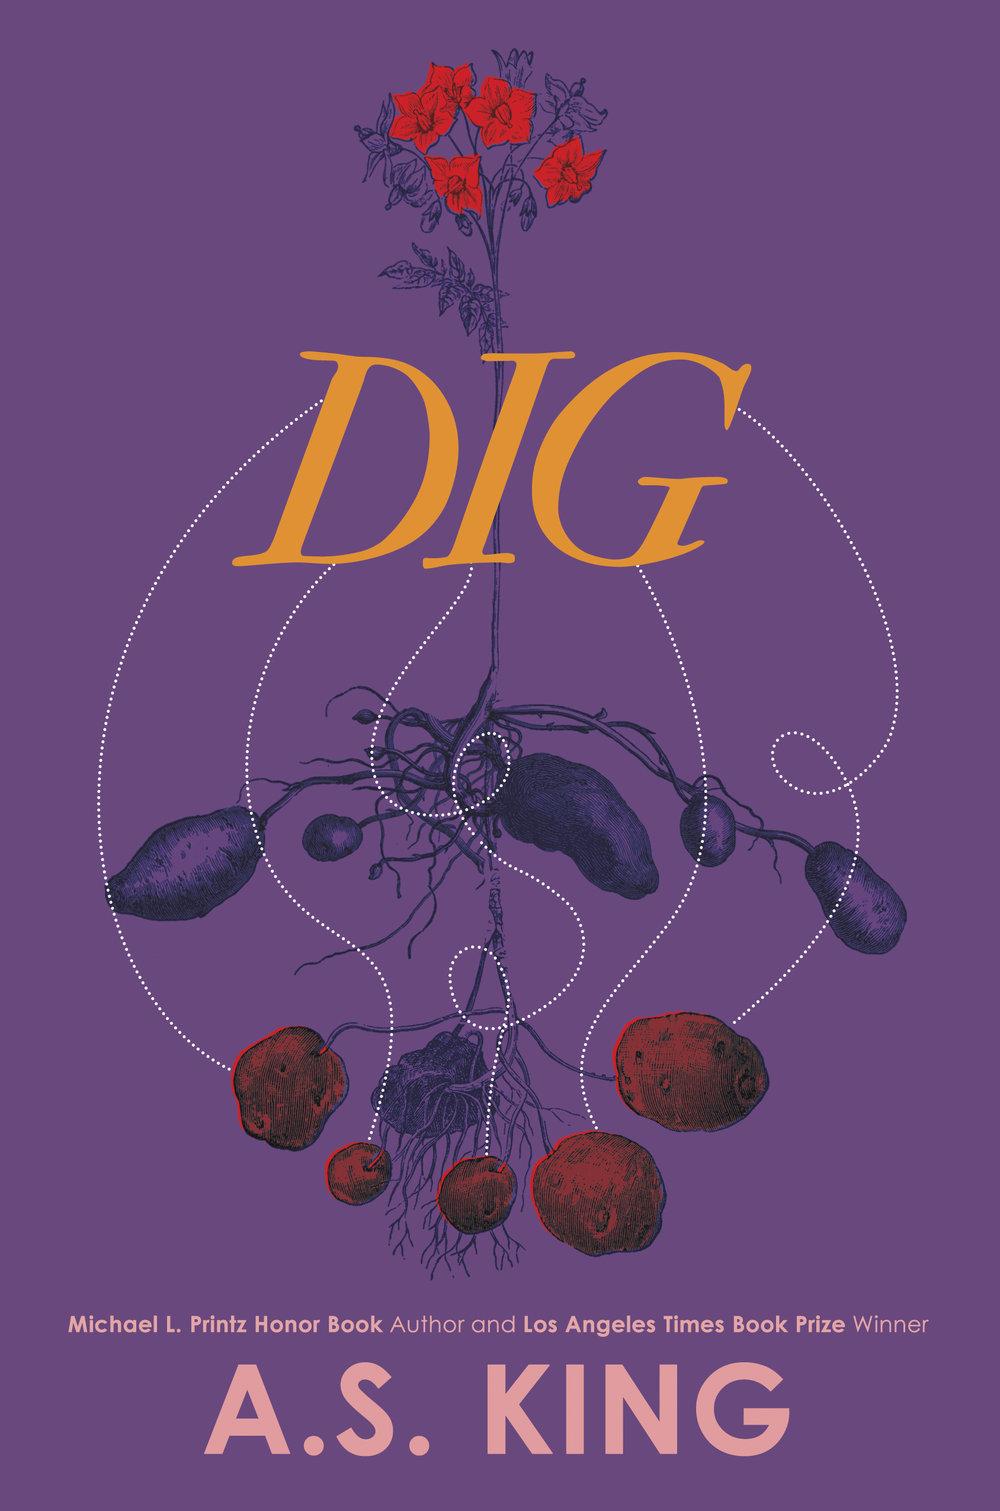 Dig_Comp1.jpg